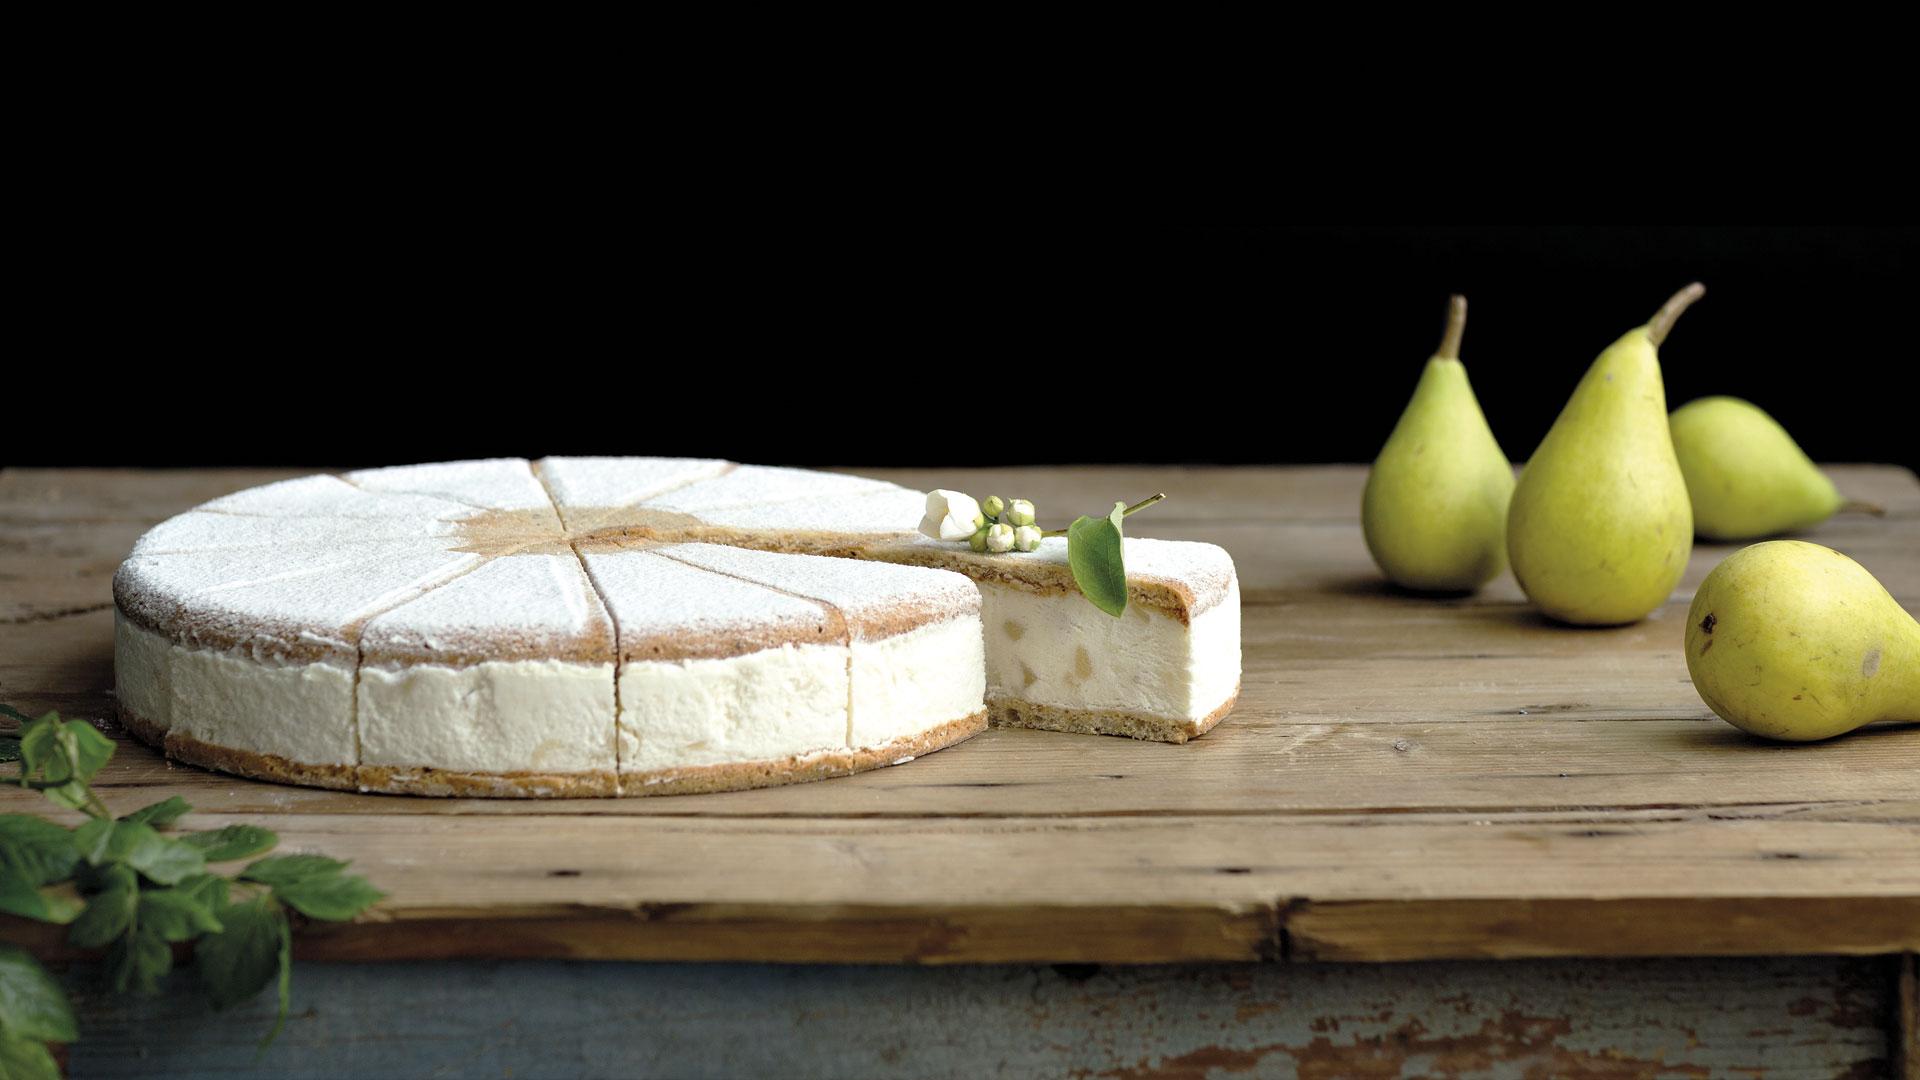 Torte Pasticceria Martinucci